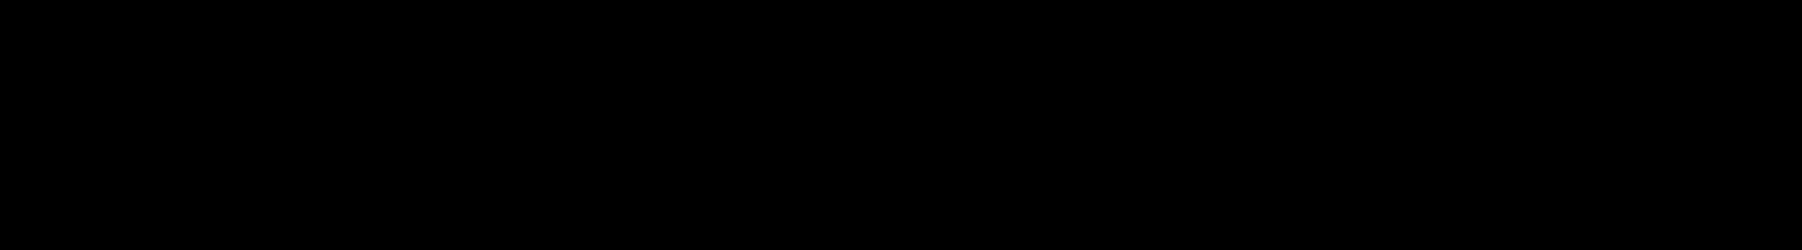 Sakura_Logo2_script_9141c0ae-a997-4d54-9bc3-9158045176bb_2048x.png